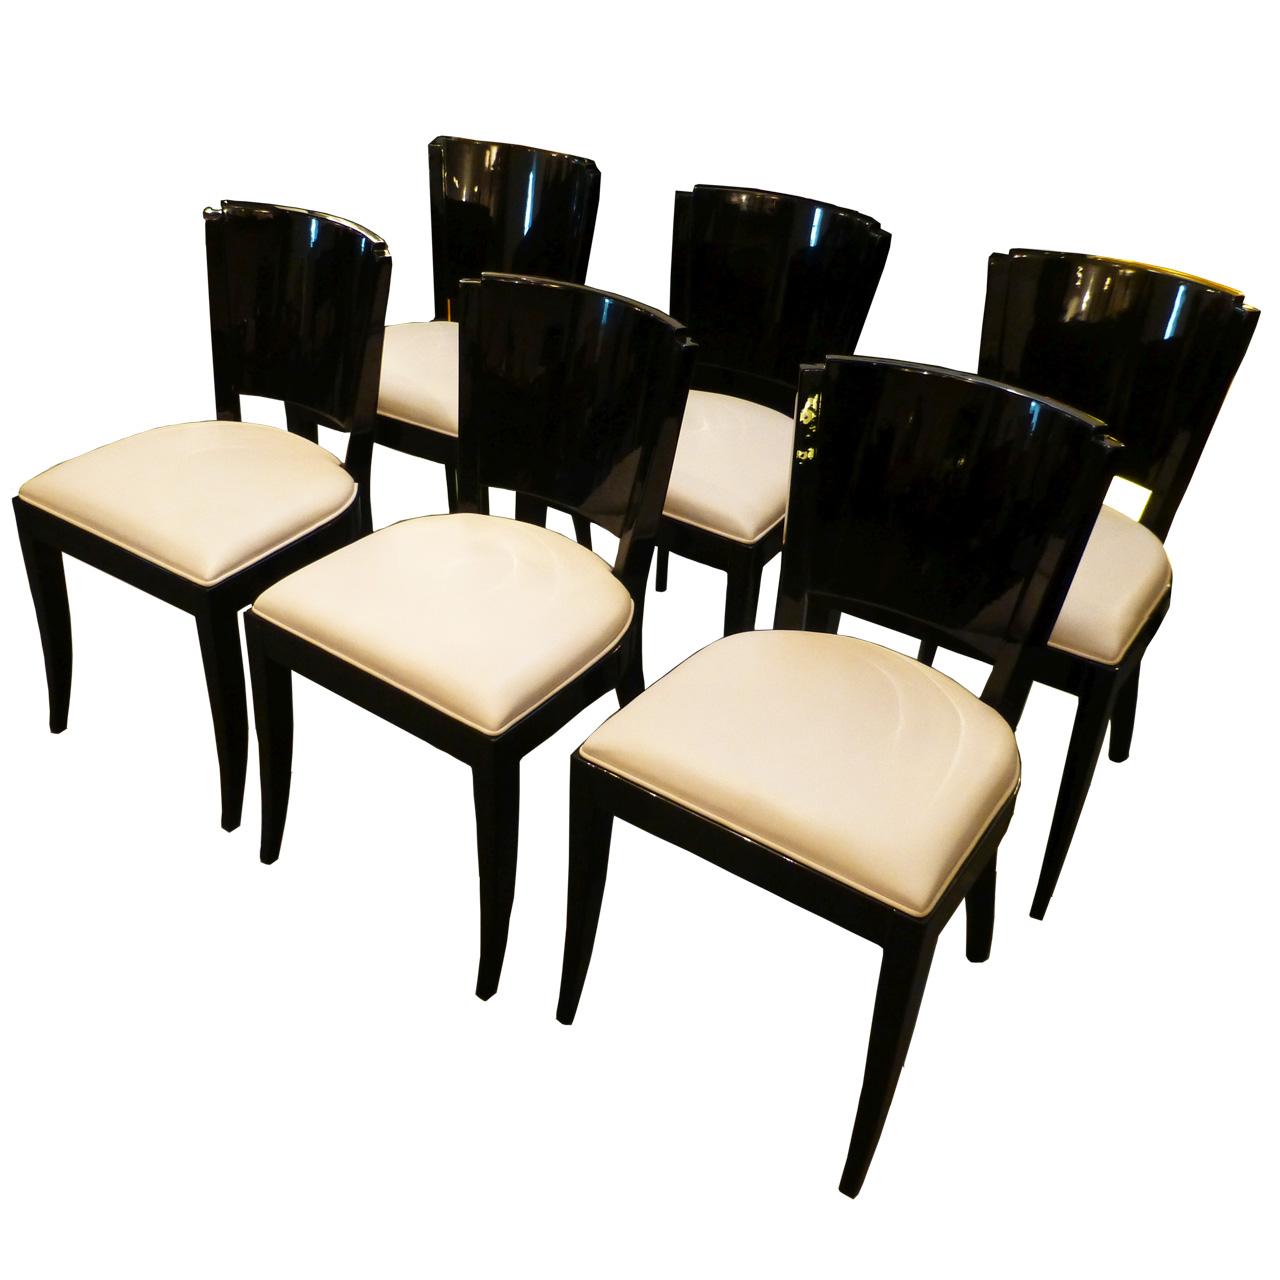 3170 6 Art Deco Stühle mit creme-weissem Leder, aus Frankreich, schwarz hochglanz poliert